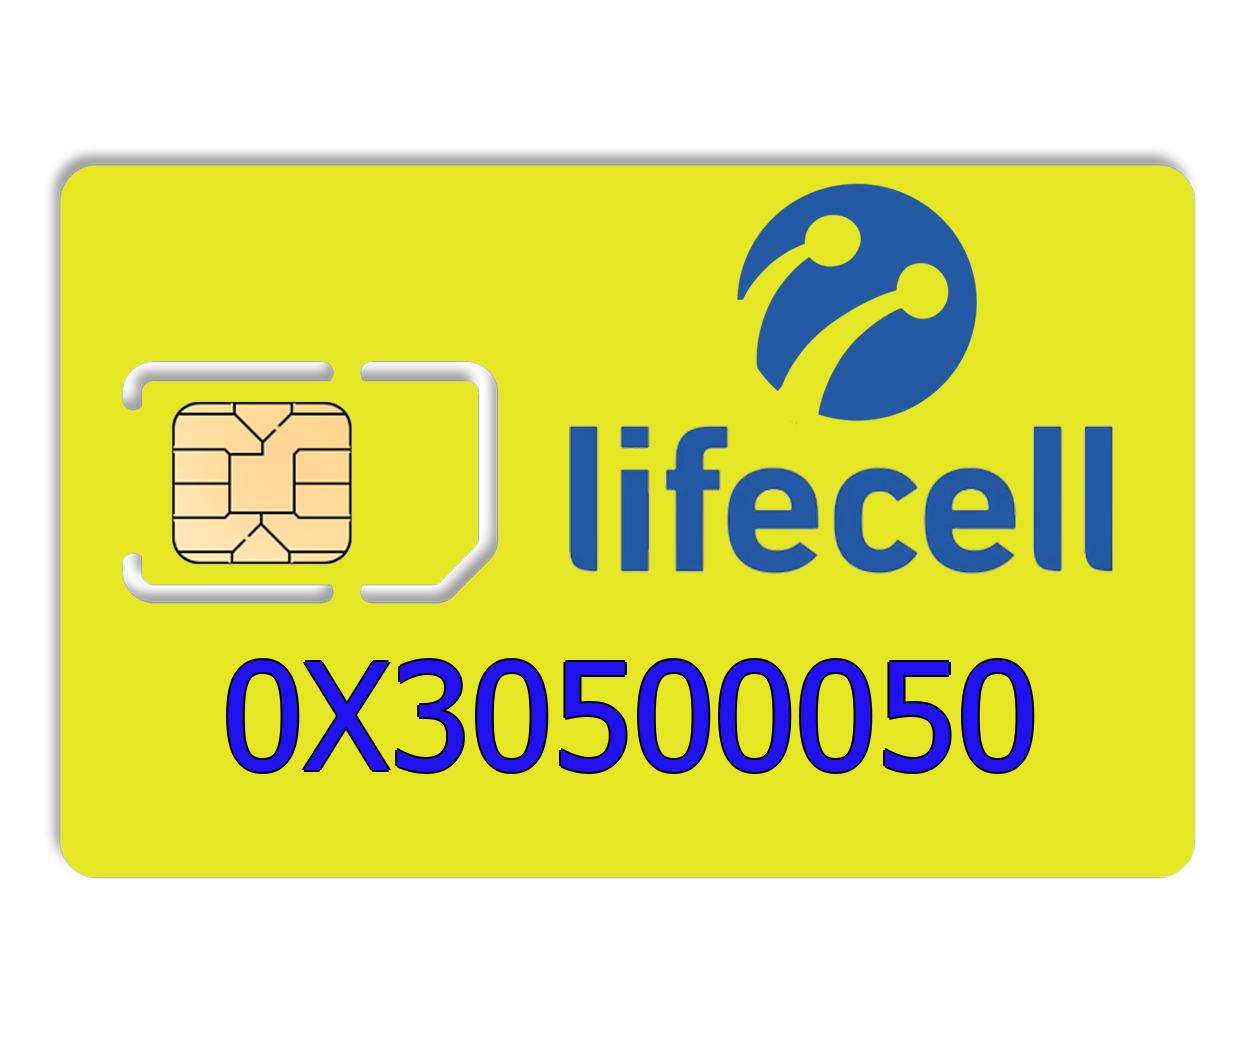 Красивый номер lifecell 0X30500050